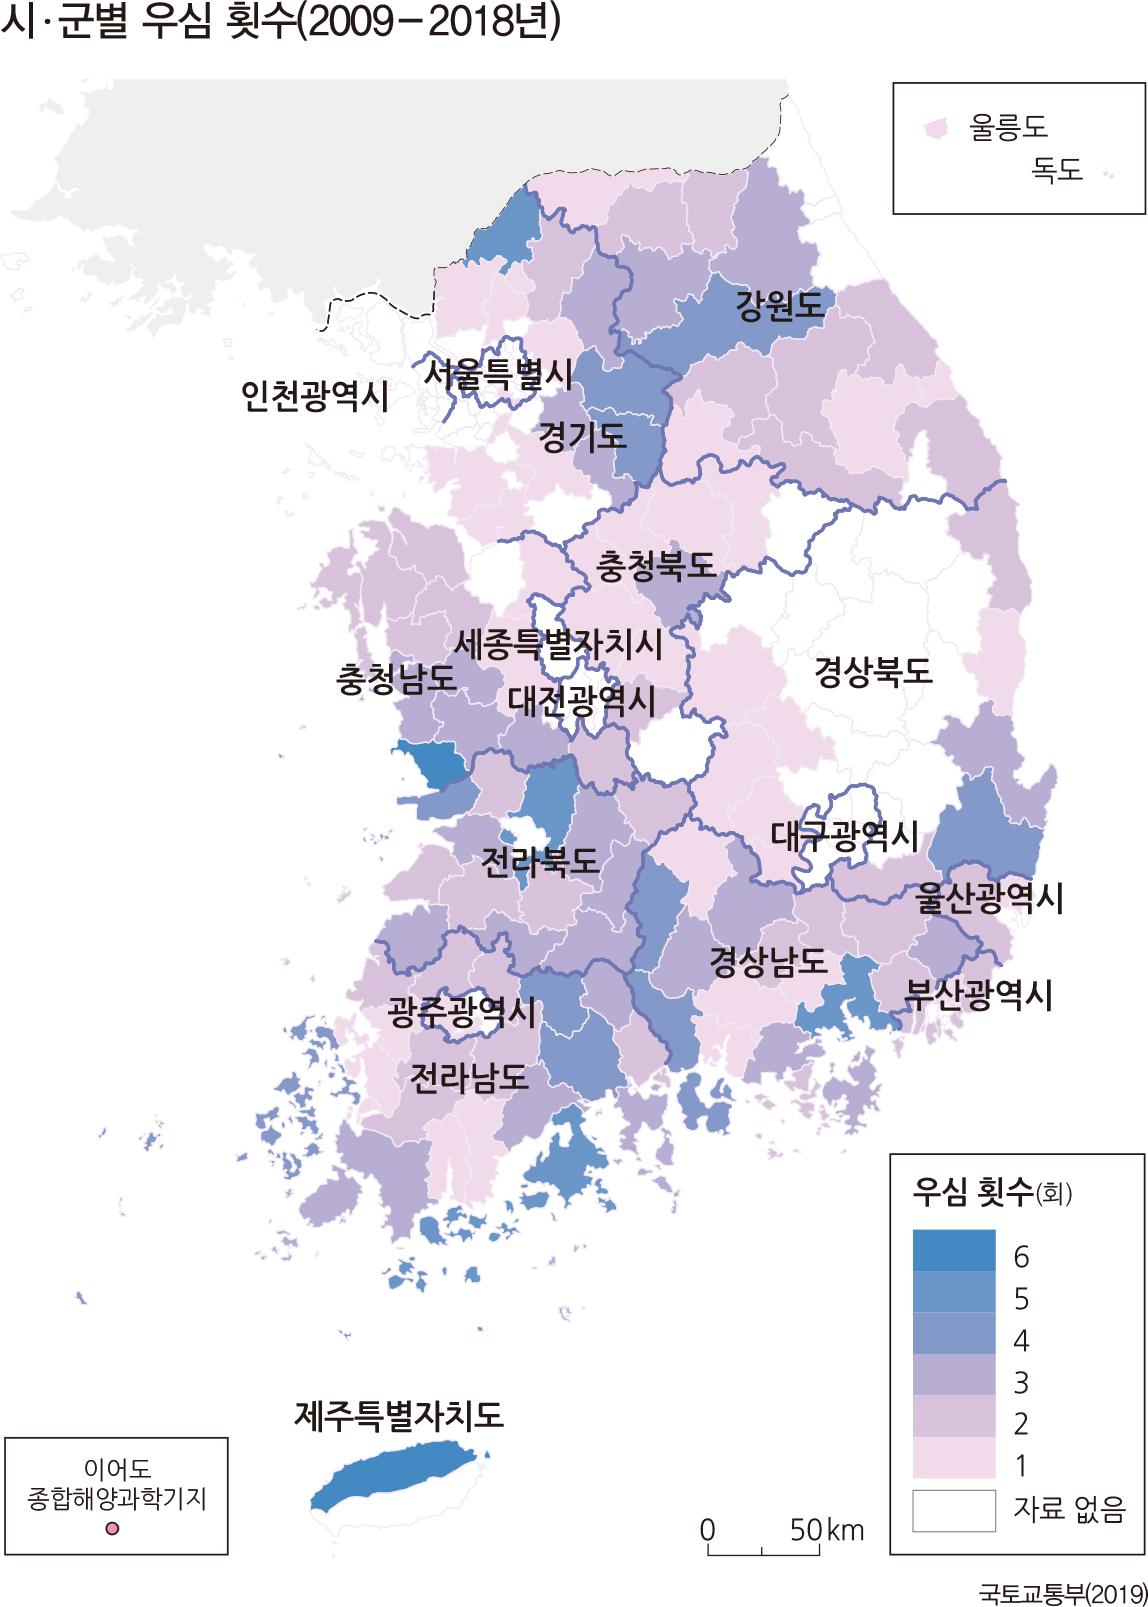 시군별 우심 횟수(2009-2018년)